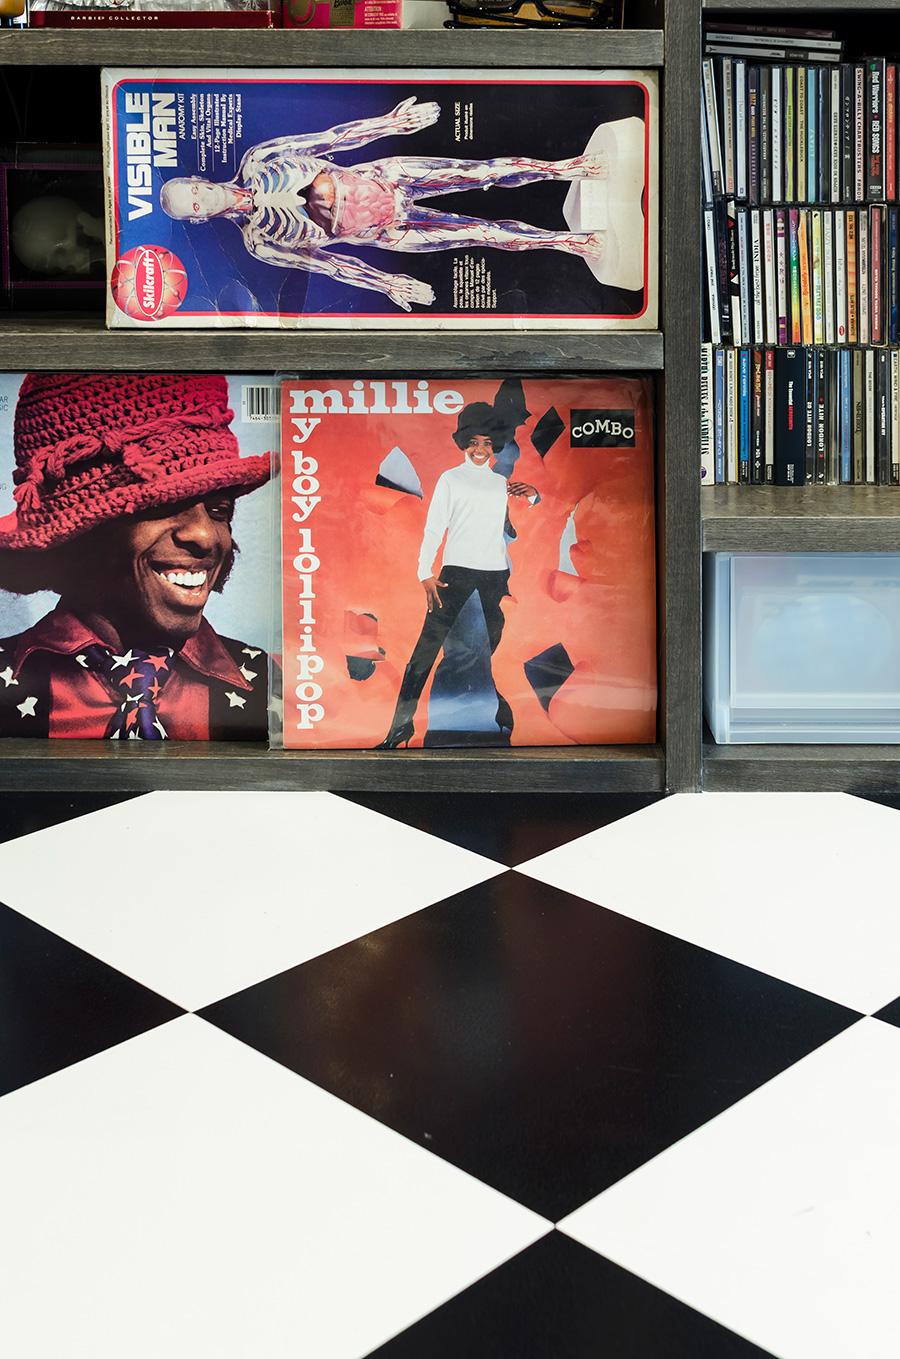 鮮やかなレコードのジャケットがポップな床とマッチ。